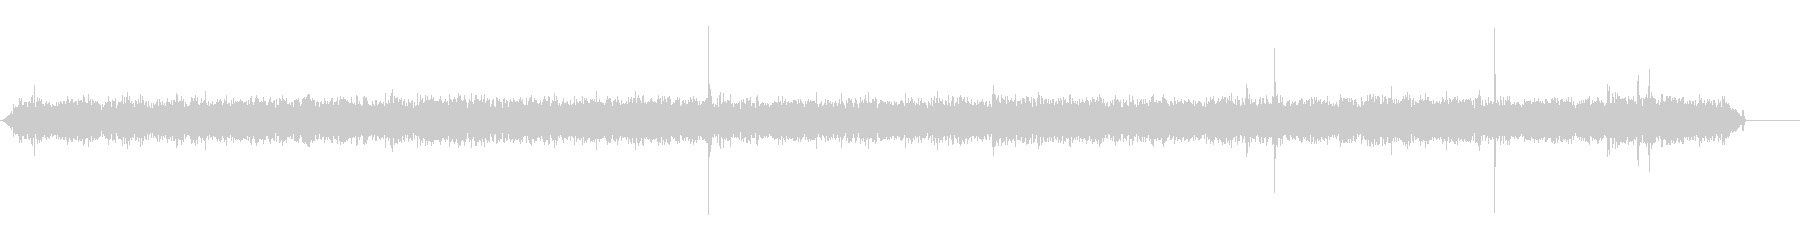 自動ランドリー-アンビエントの未再生の波形